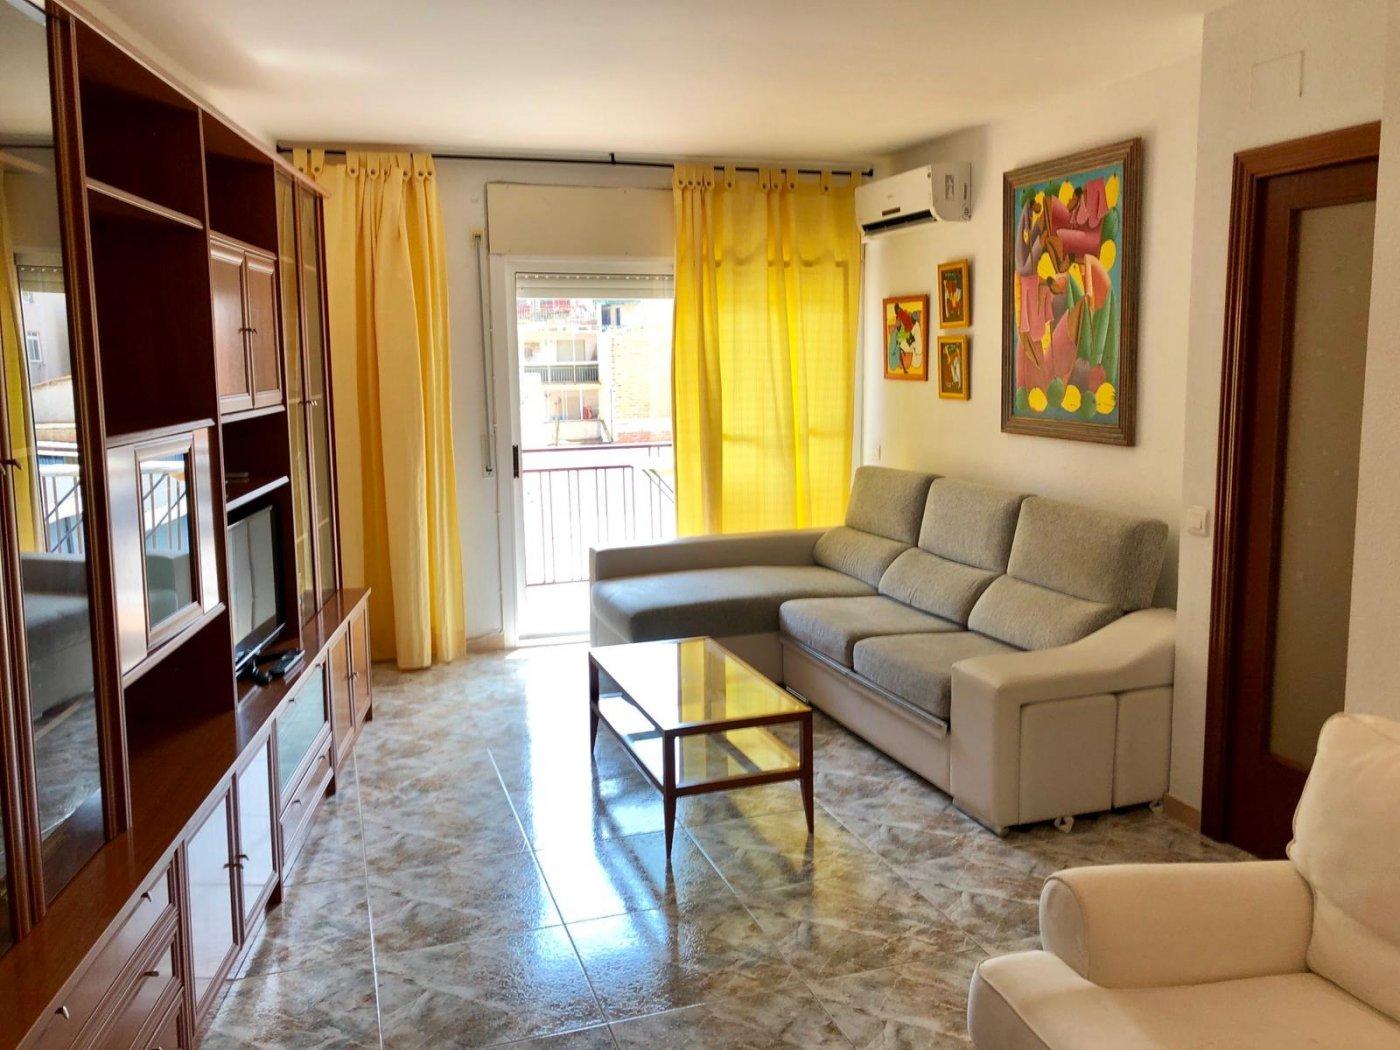 Appartement  El vendrell ,carretera de valls. Piso en el vendrell centro!!!!!!